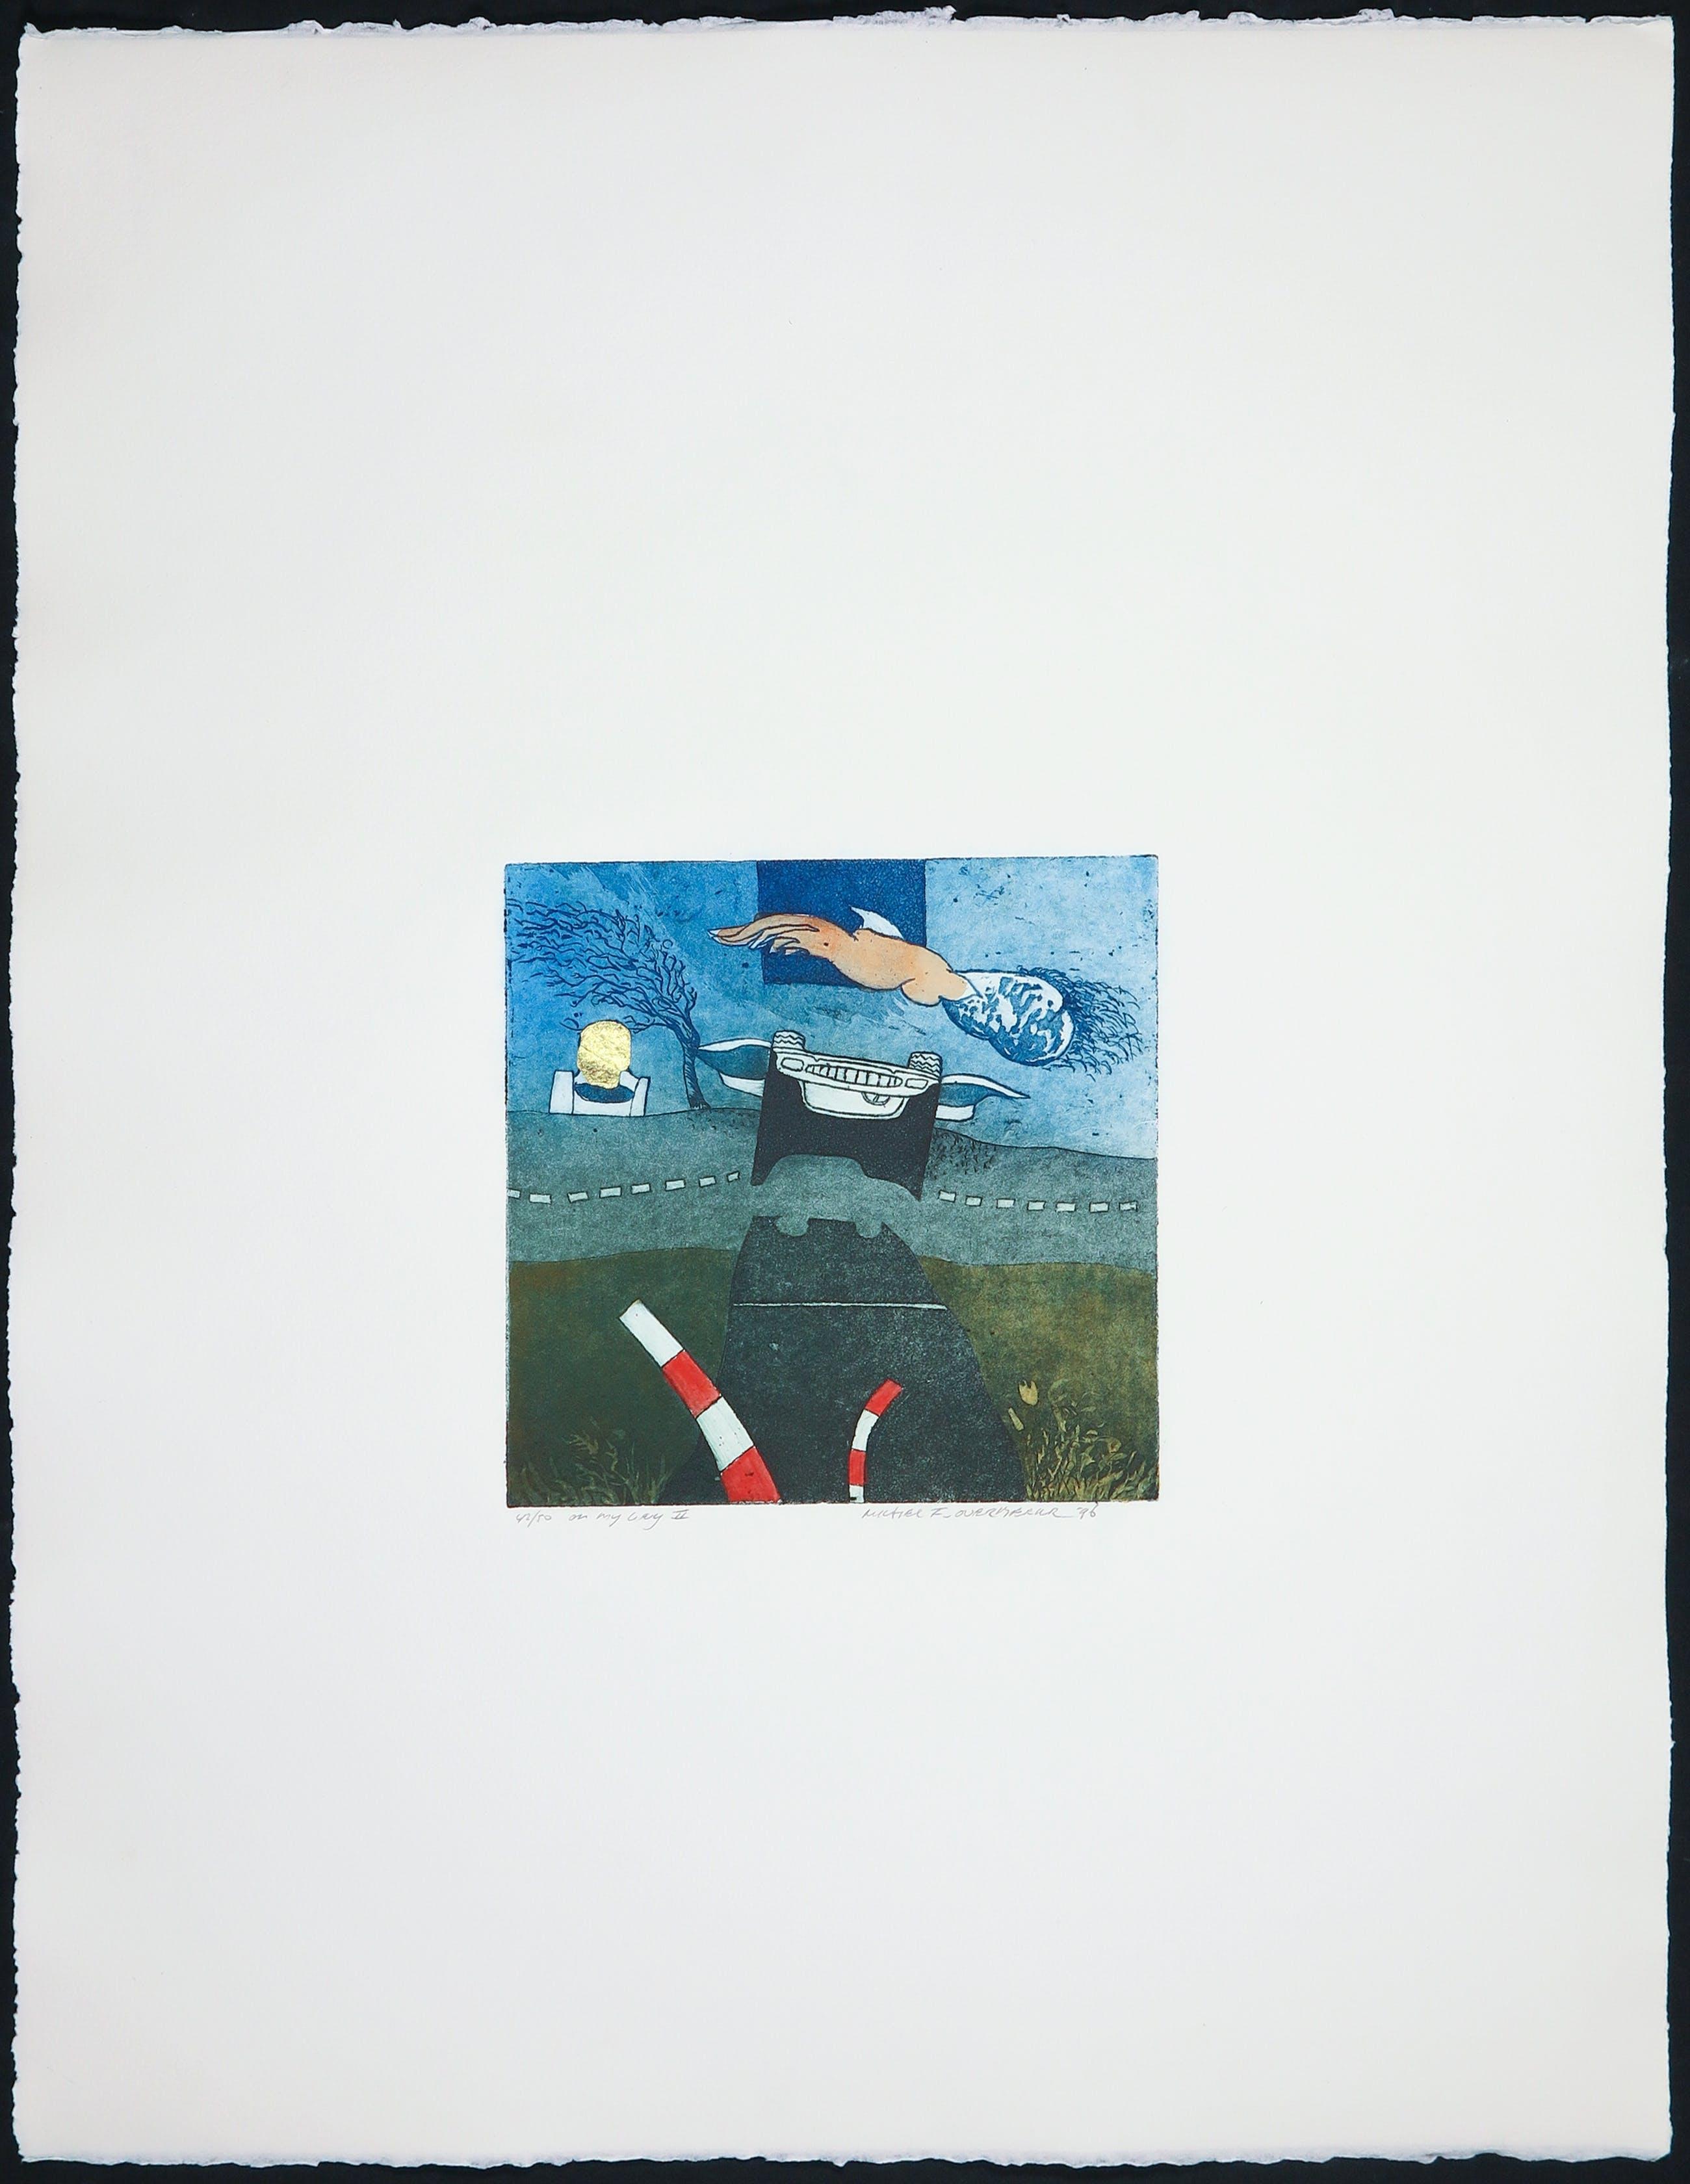 Michel van Overbeeke - Kleurenets met bladgoud, On my way II kopen? Bied vanaf 1!